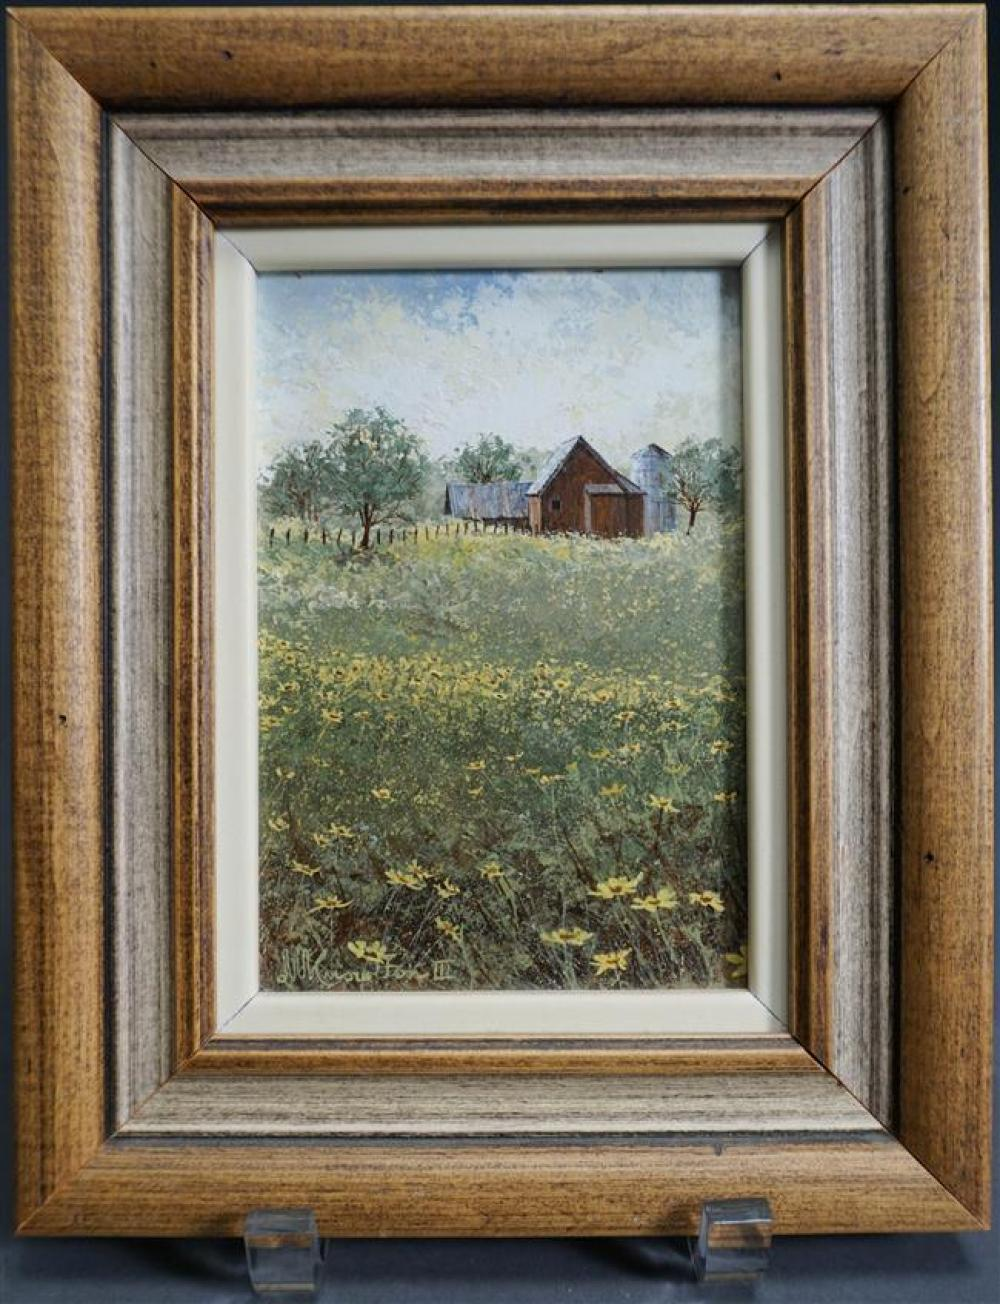 David Knowlton III (American b. 1941), Farm Landscape, Oil on Board, Framed, 9-3/4 x 7-3/4 inches